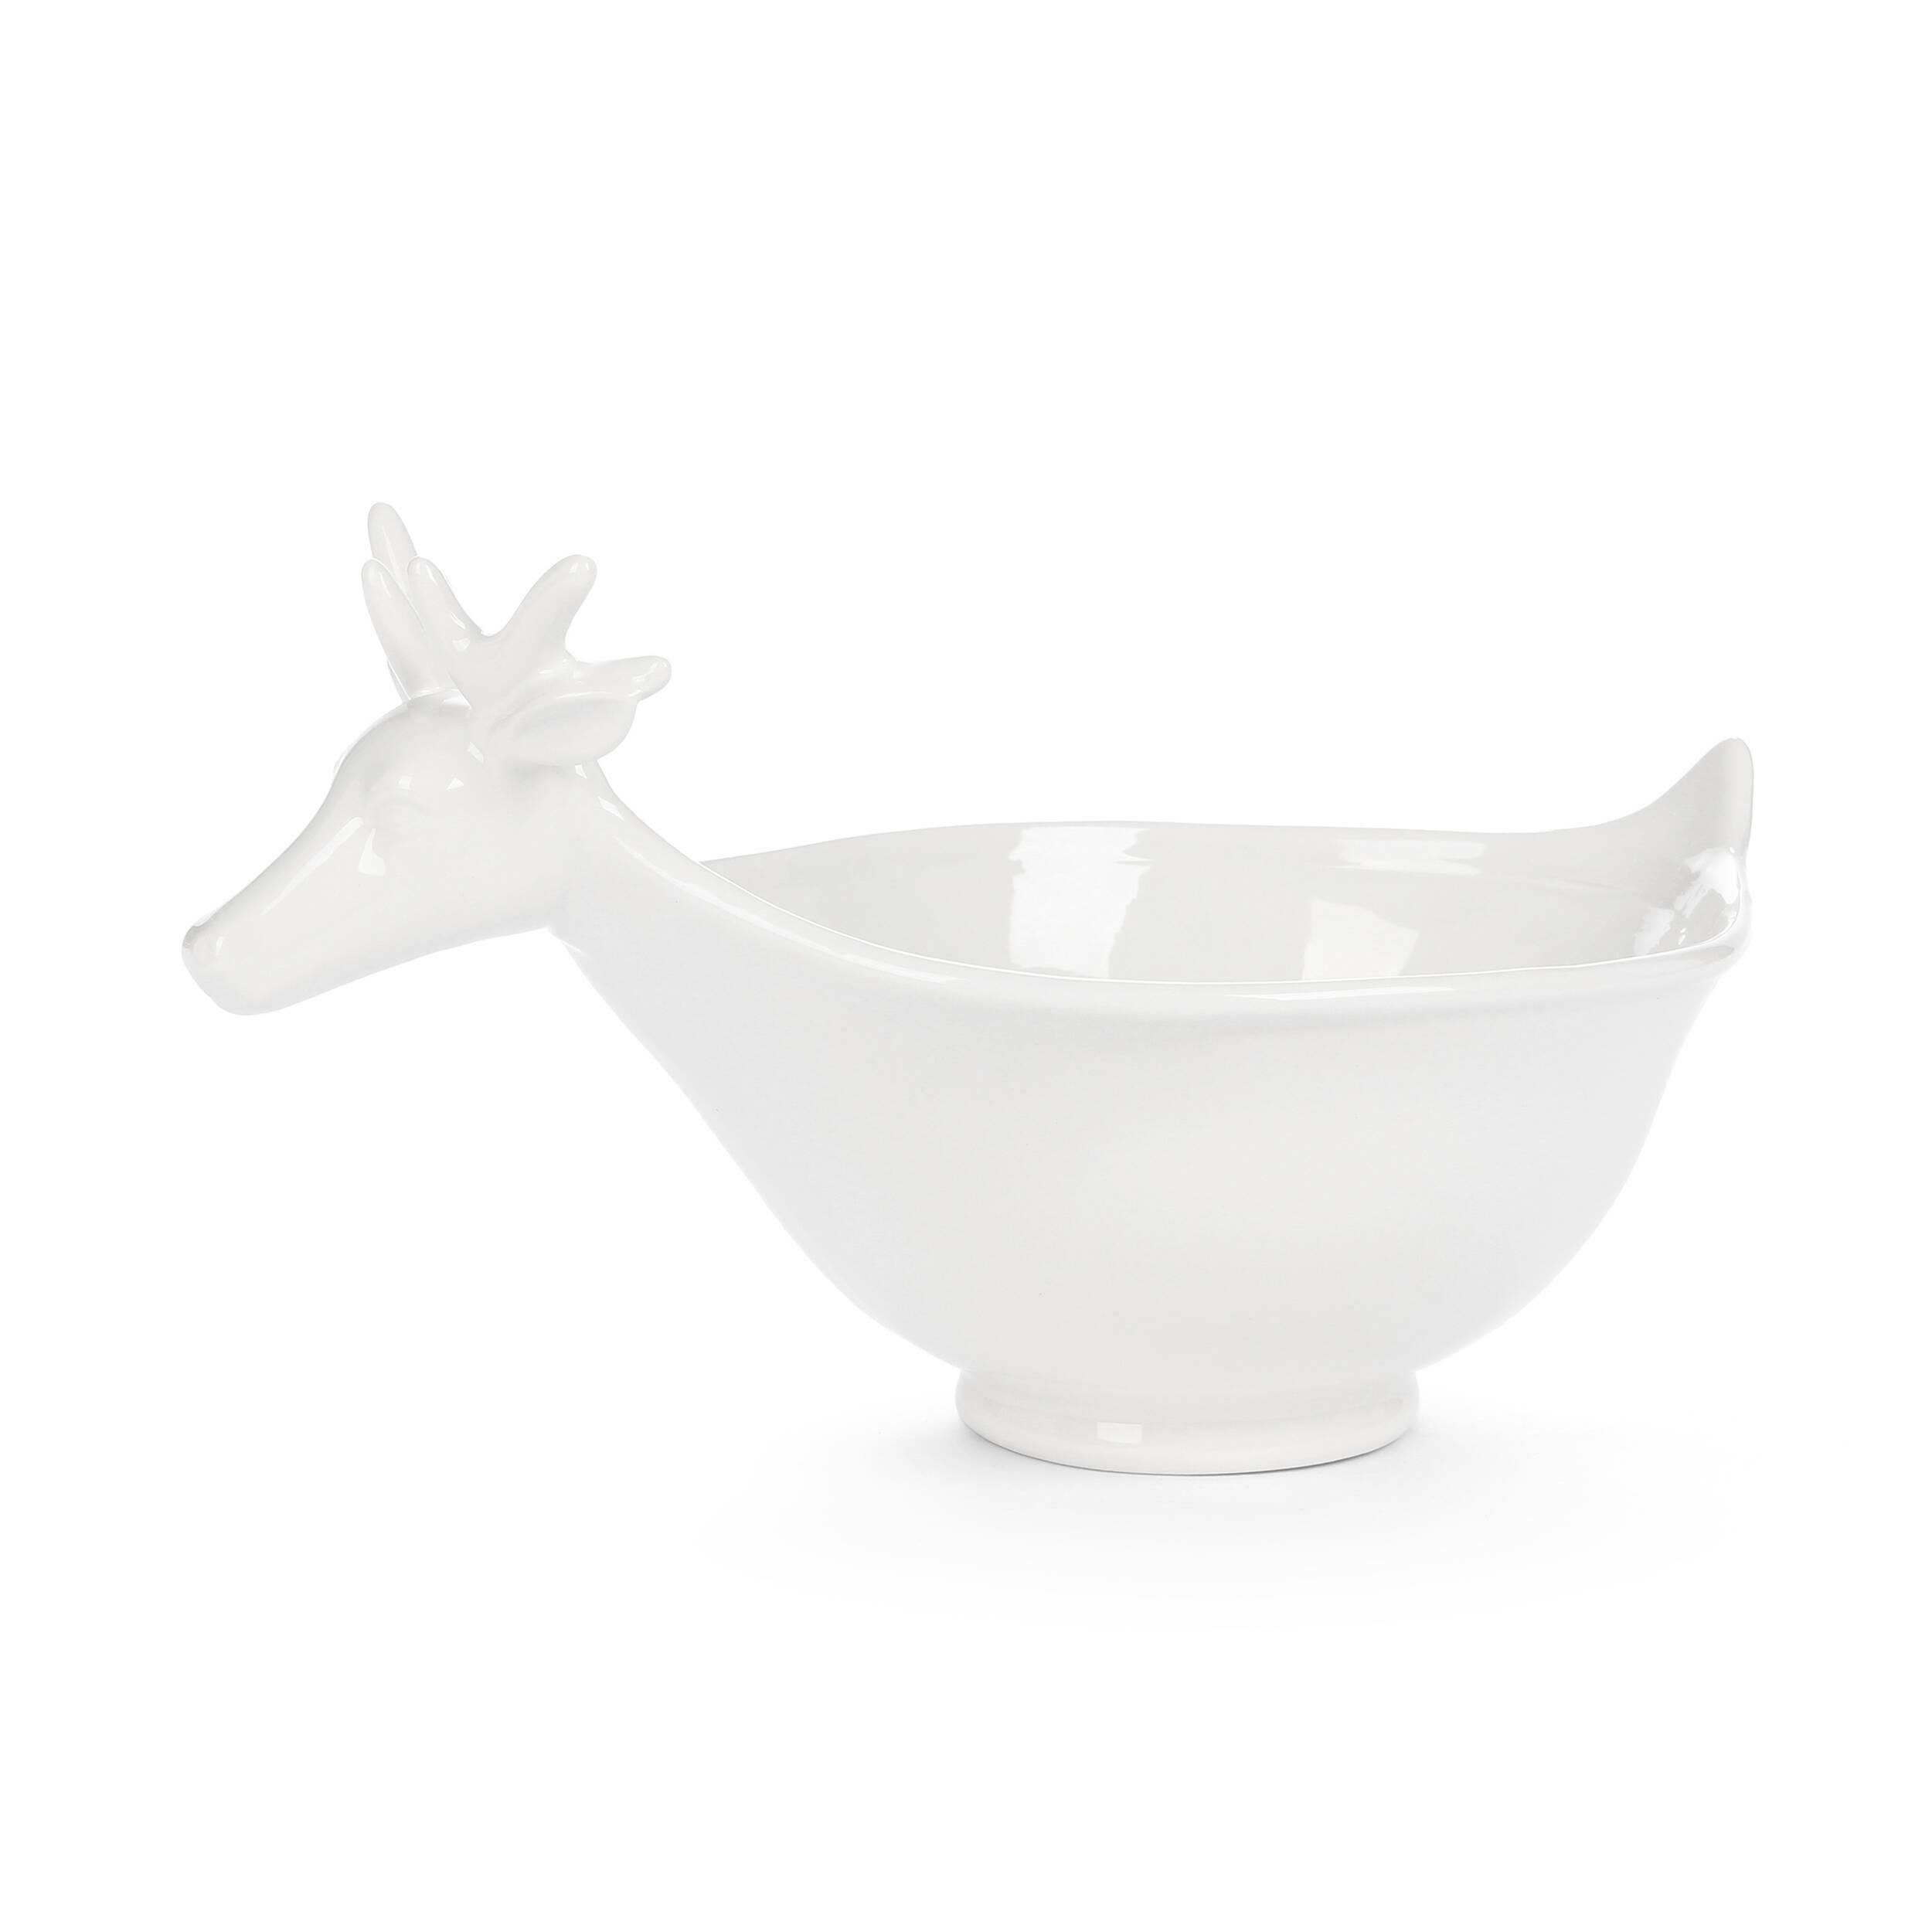 Посуда Cosmo 15578901 от Cosmorelax